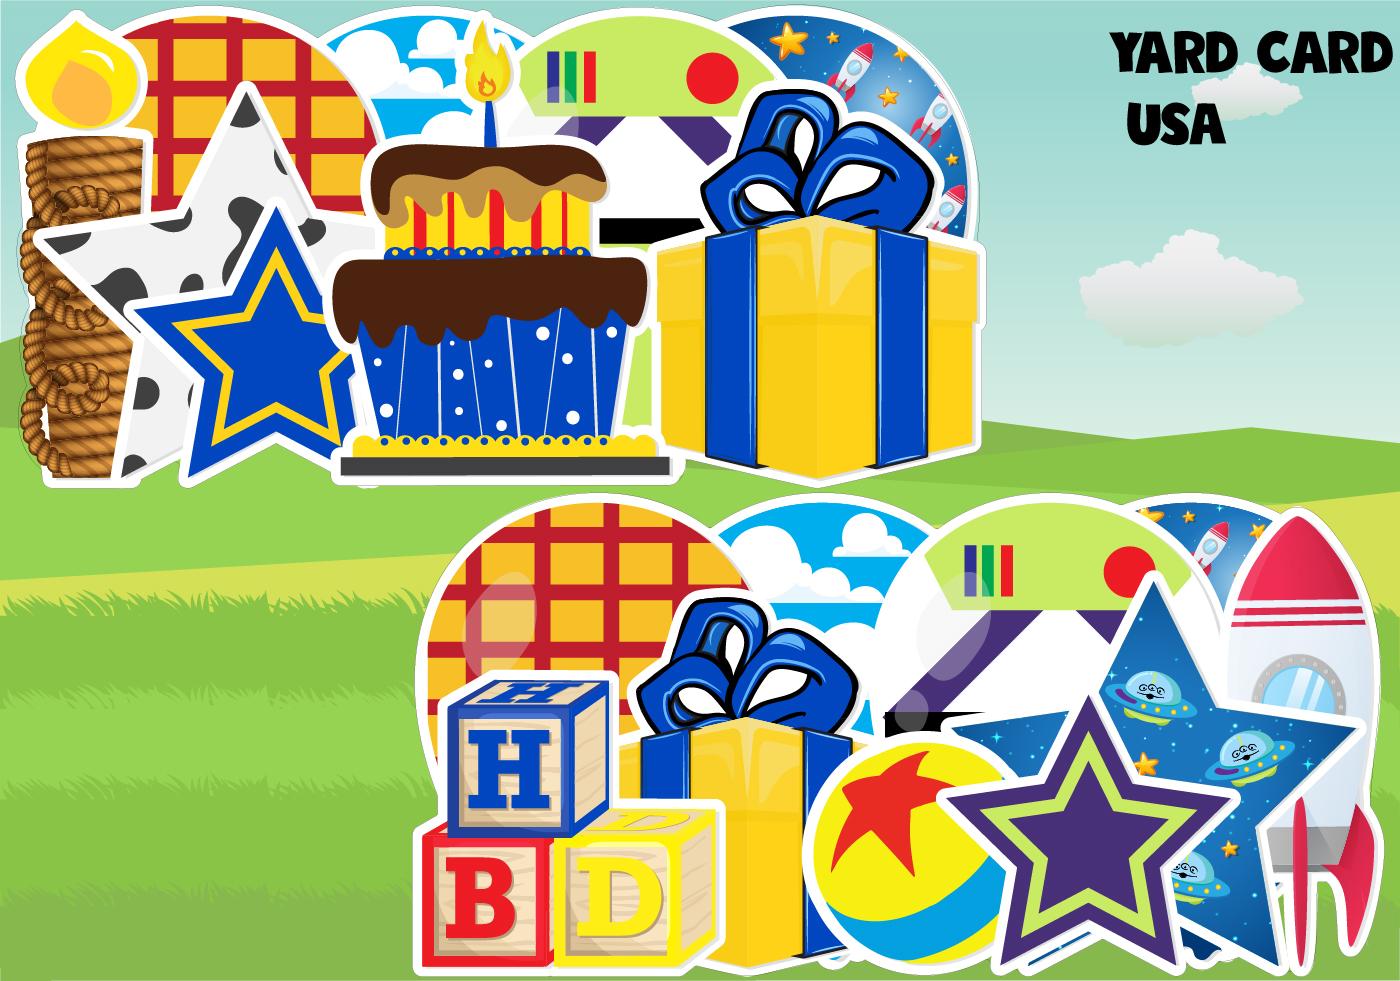 yard card supply, yard card wholesale, yard card rental business